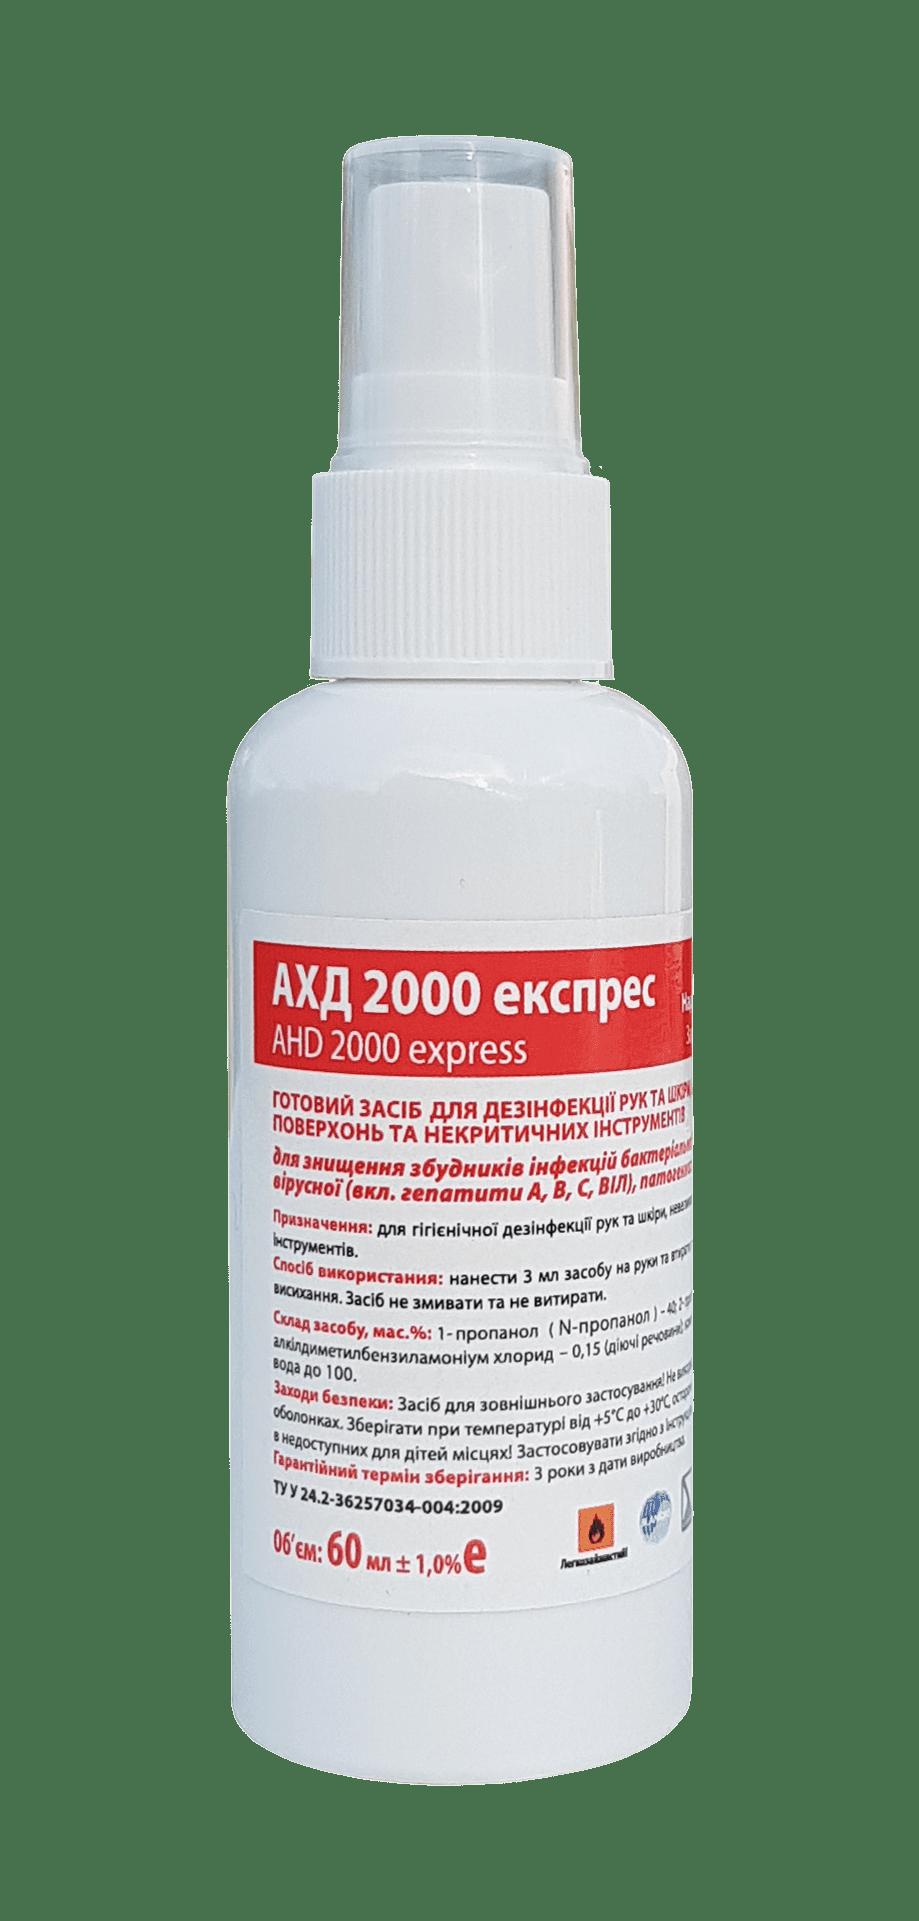 АХД 2000 експрес, 60мл